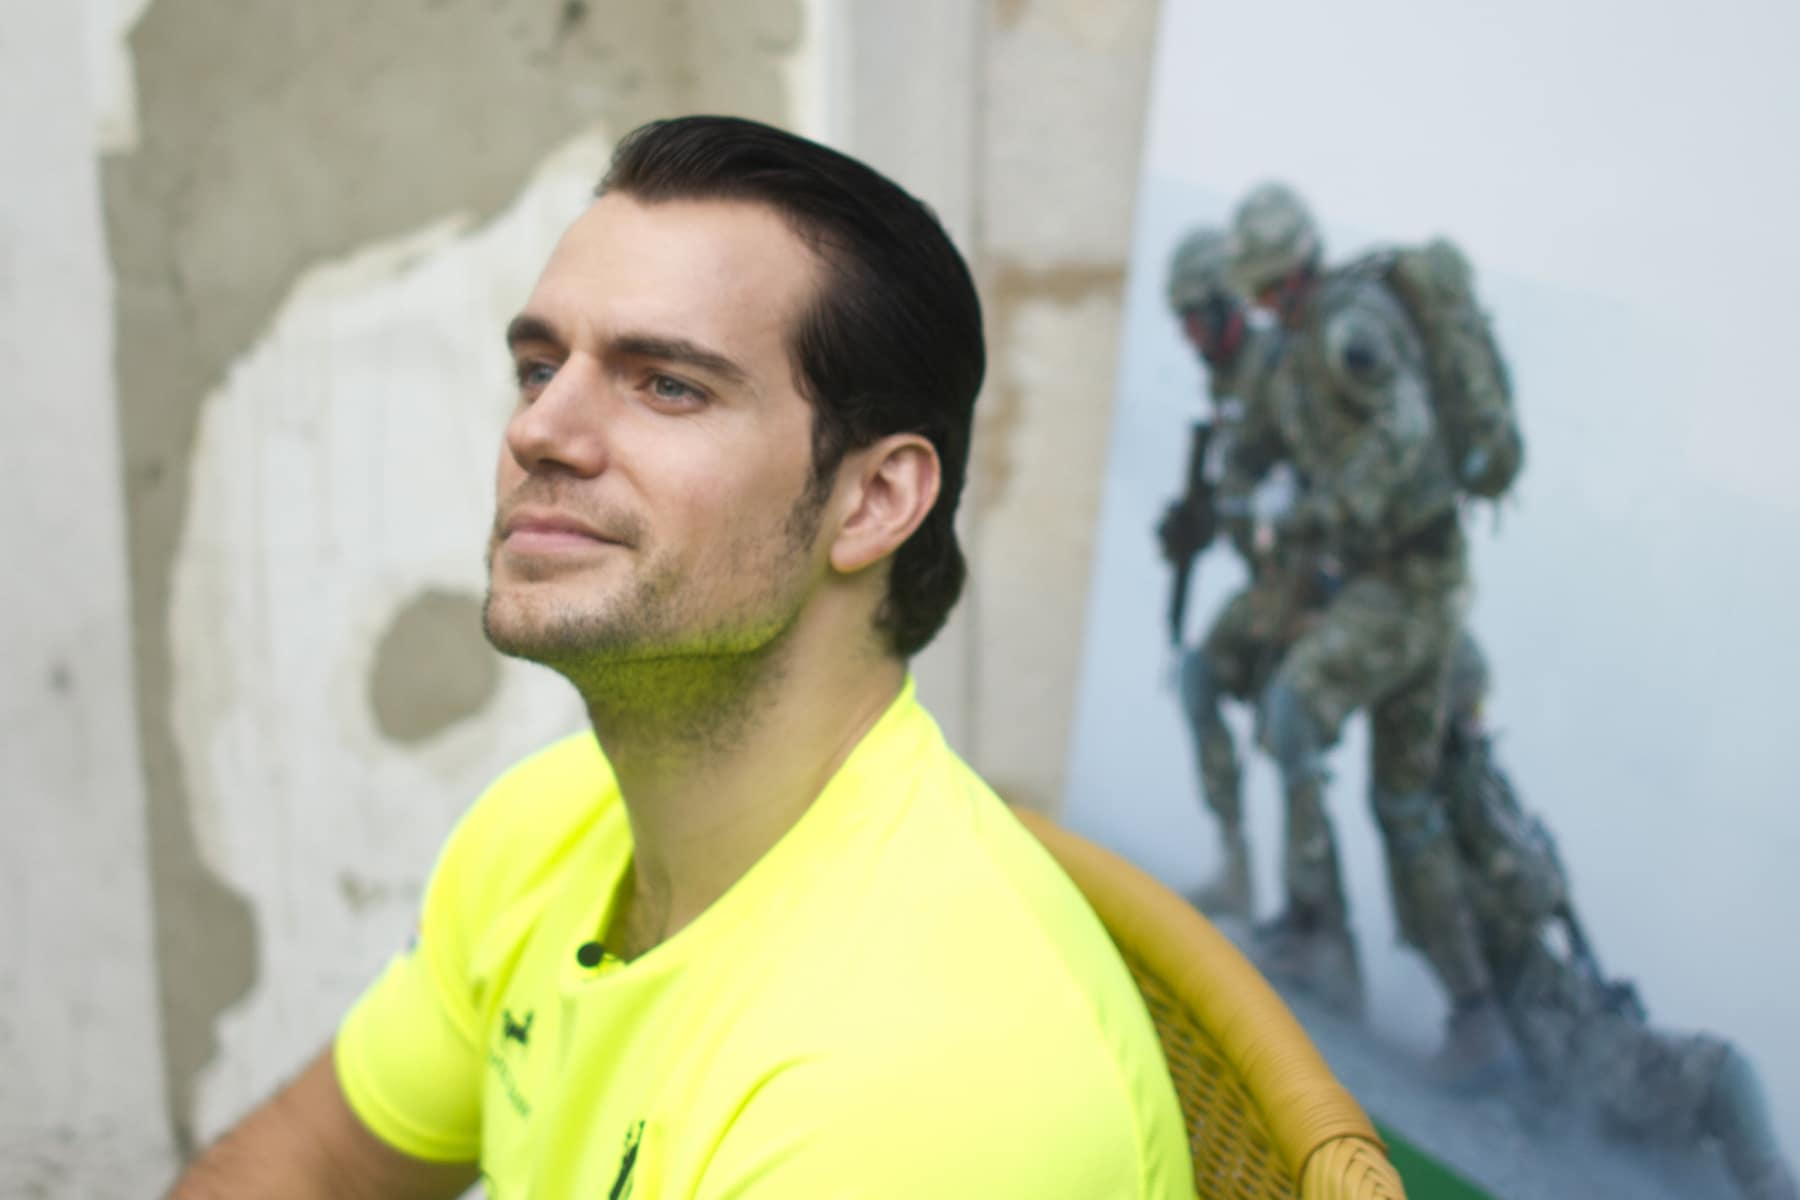 superman-en-gibraltar-actor-henry-cavill-carrera-5km-del-350-aniversario-de-la-marina-britanica-25102014-02_15447874899_o